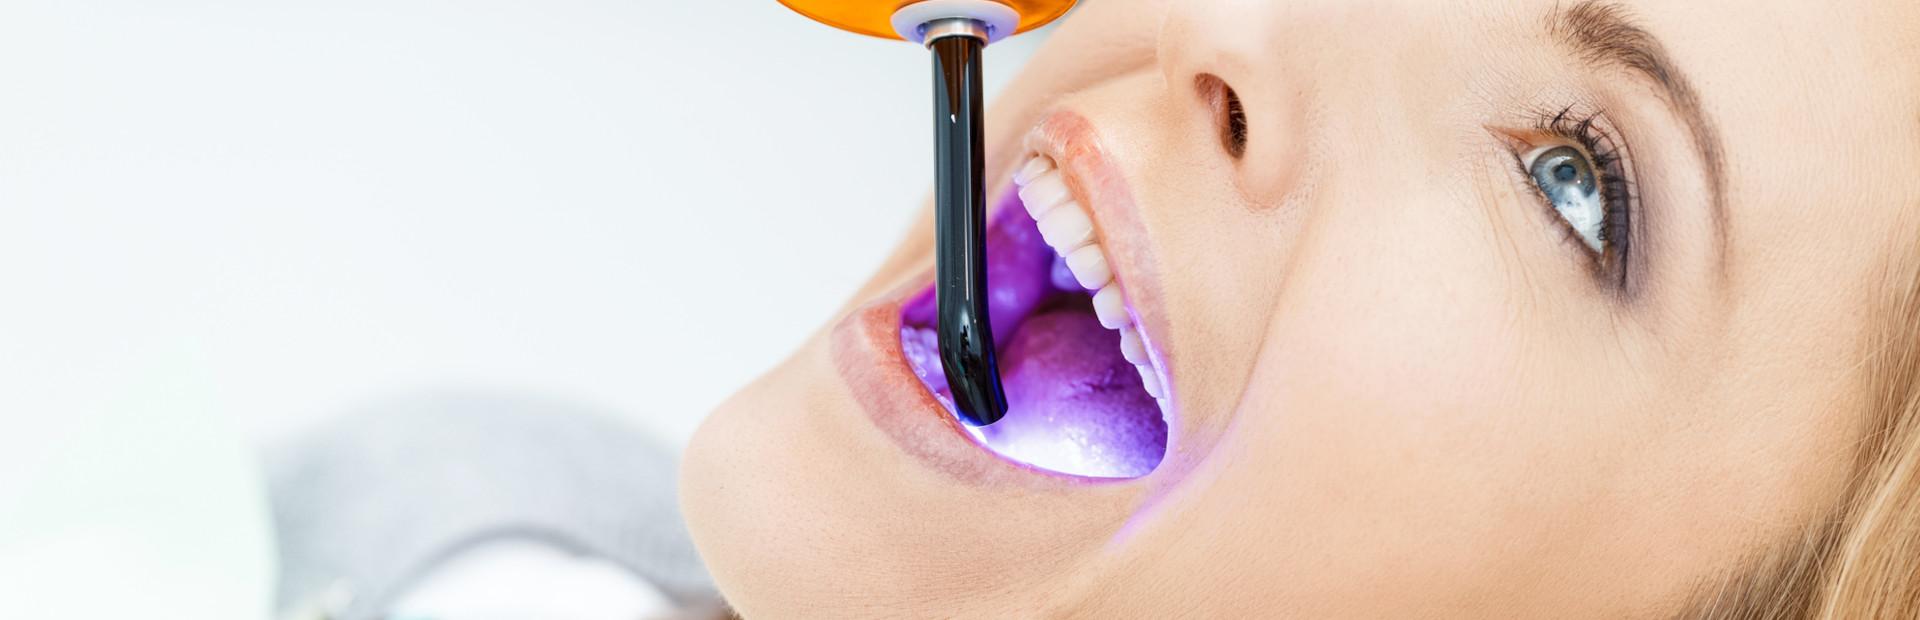 Patient having laser dentistry